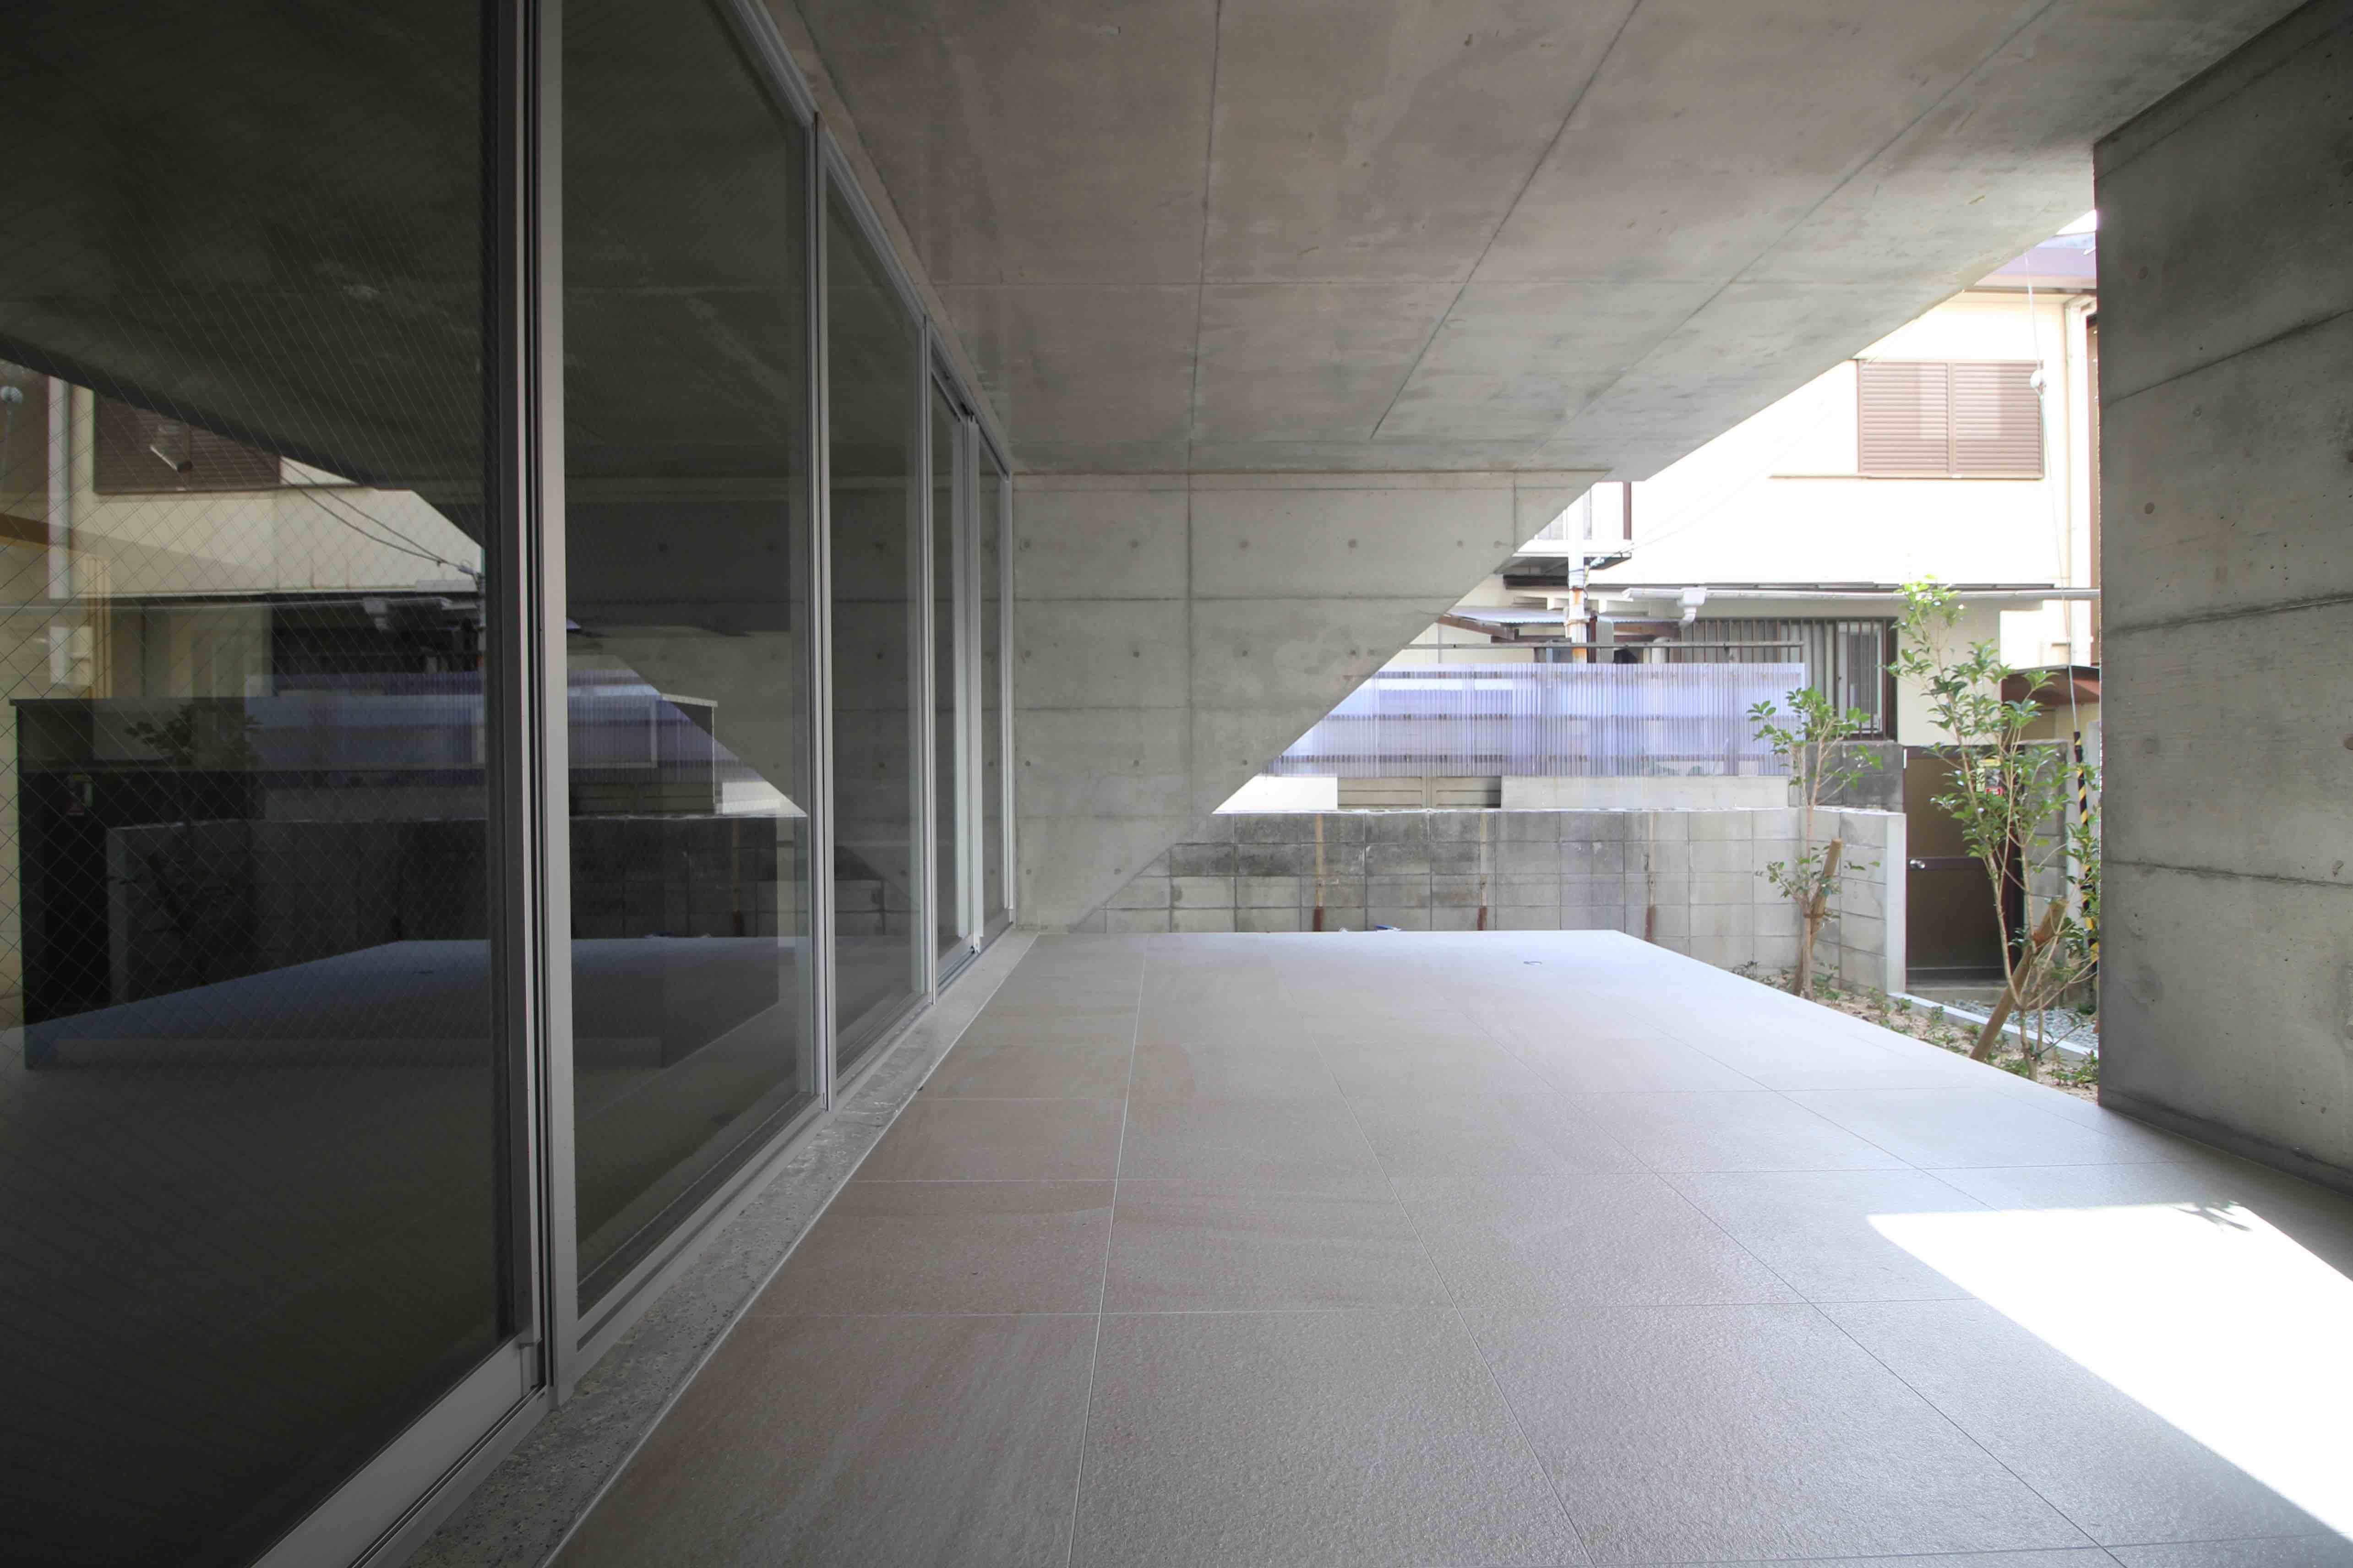 屋根に覆われた半屋外空間の広いテラスでは、屋外パーティもできそう(1F)